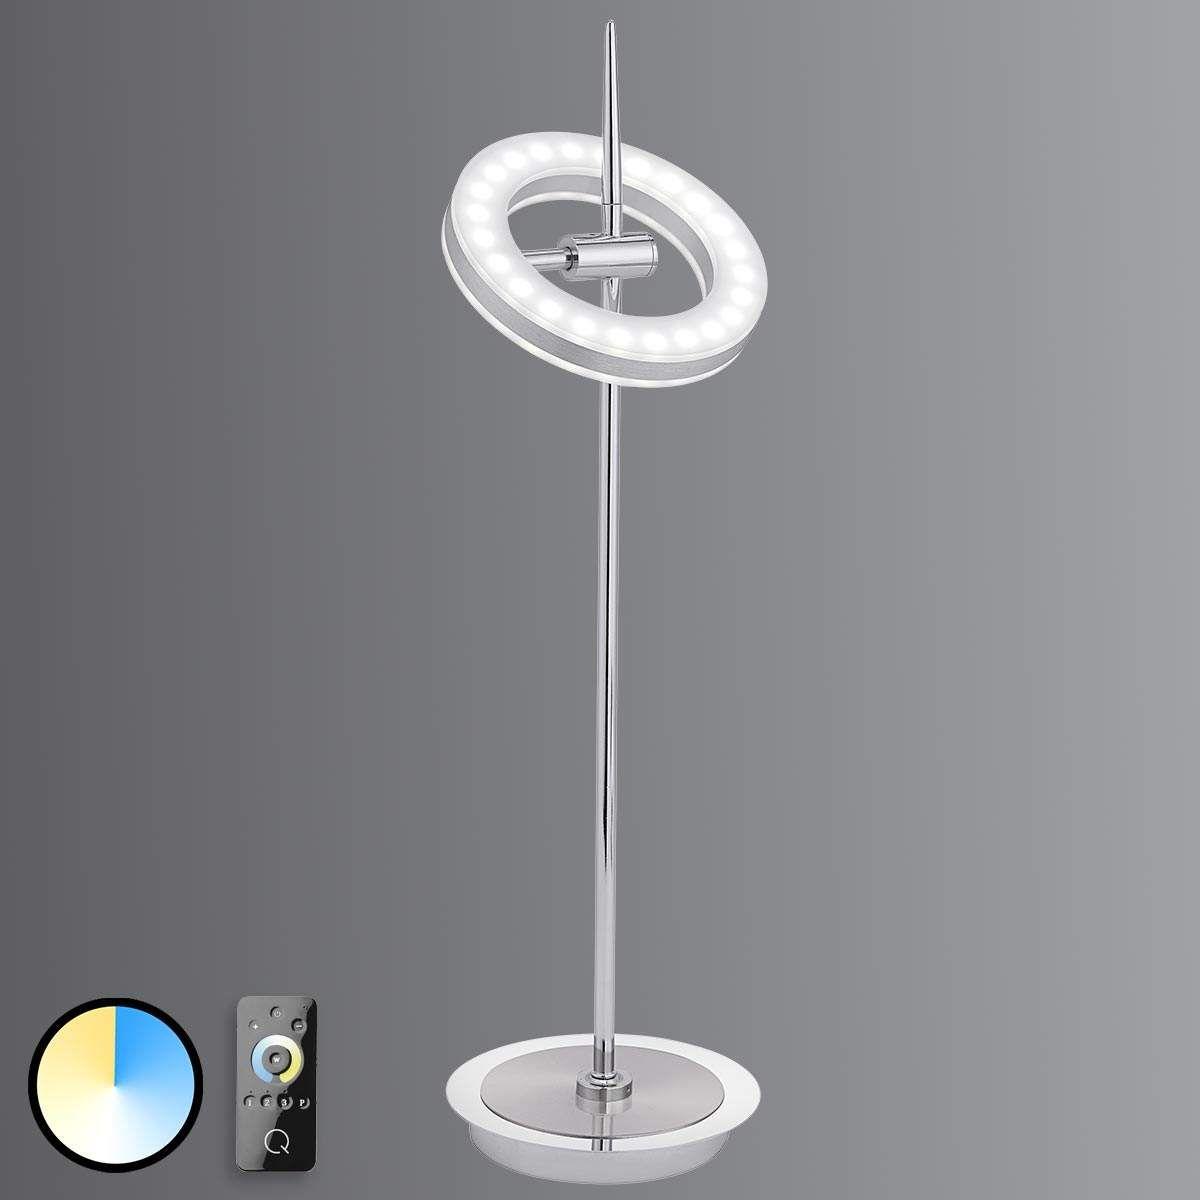 Einbaustrahler Led 55mm Tischleuchte Ohne Kabel Led Lampe Mit Batterie Bauen Wandleuchte Sonne Gold Deck Intelligentes Haus Led Tischlampe Tischleuchte